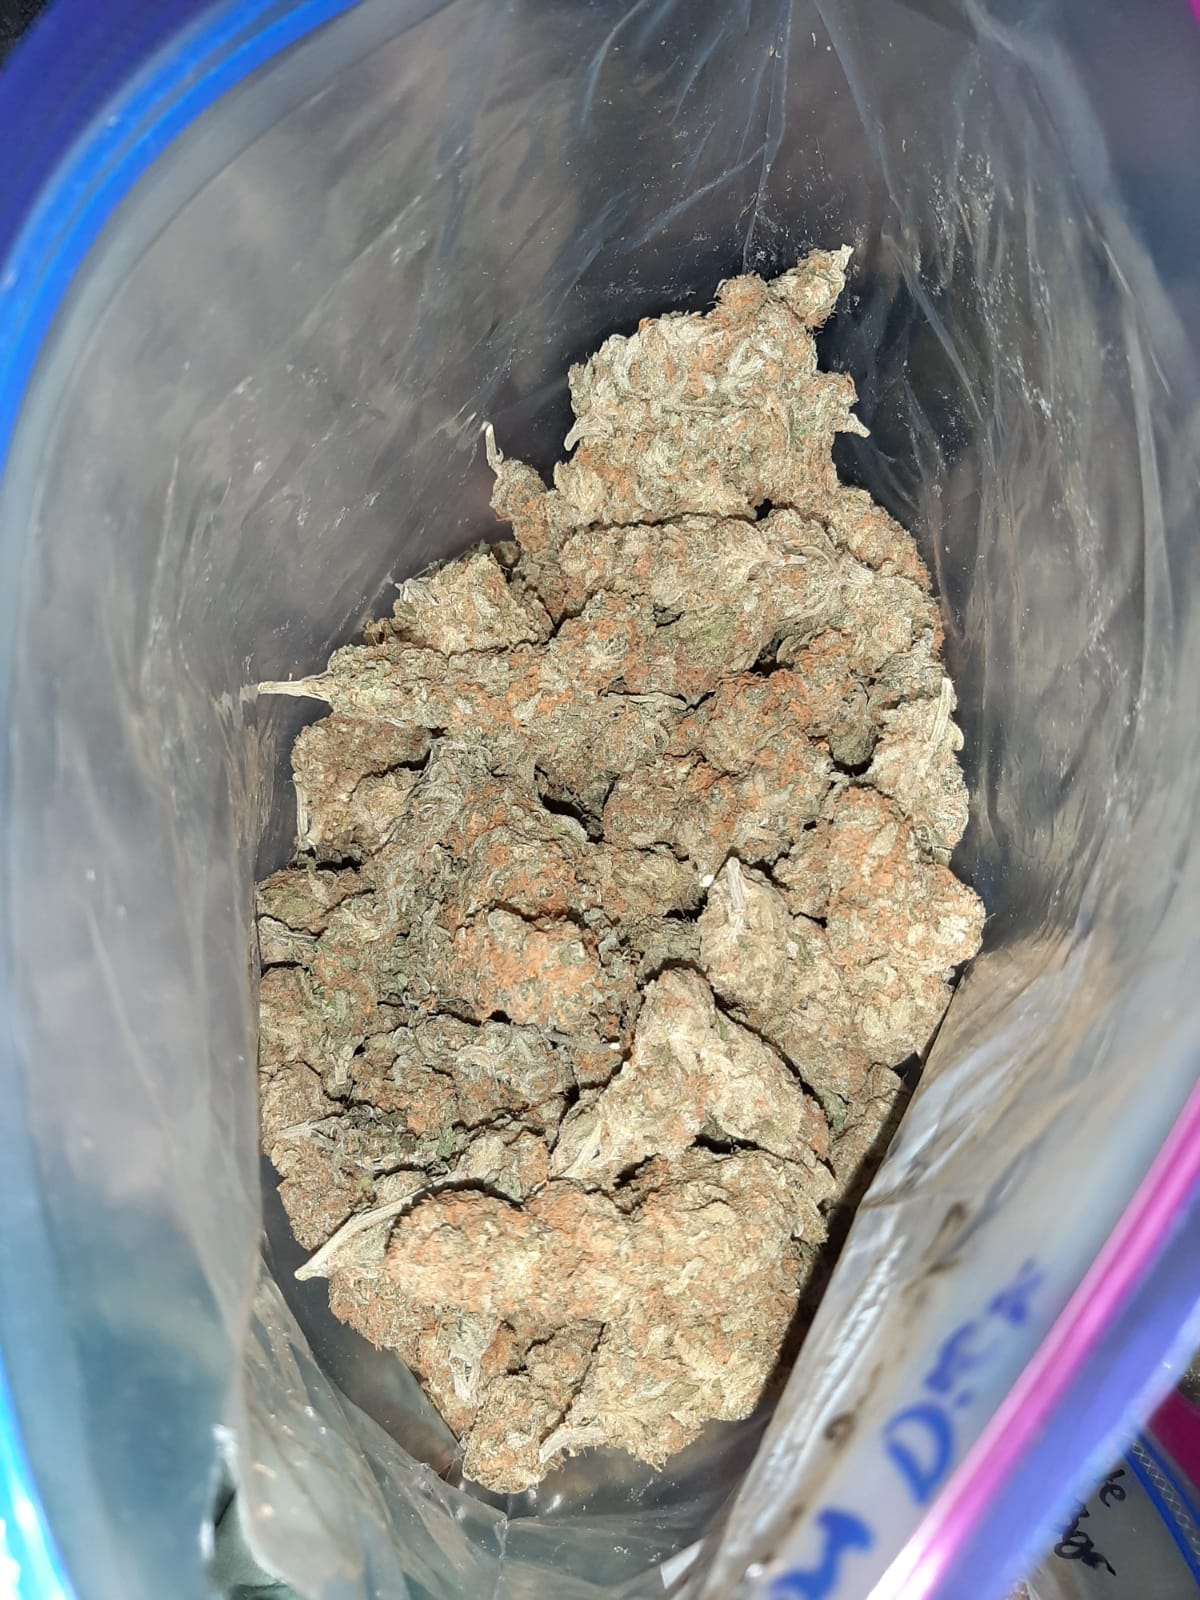 Venta de Marihuana y Hash Extraccion TOP 5* y mas en Vigo compra entrega domicilio en mano en